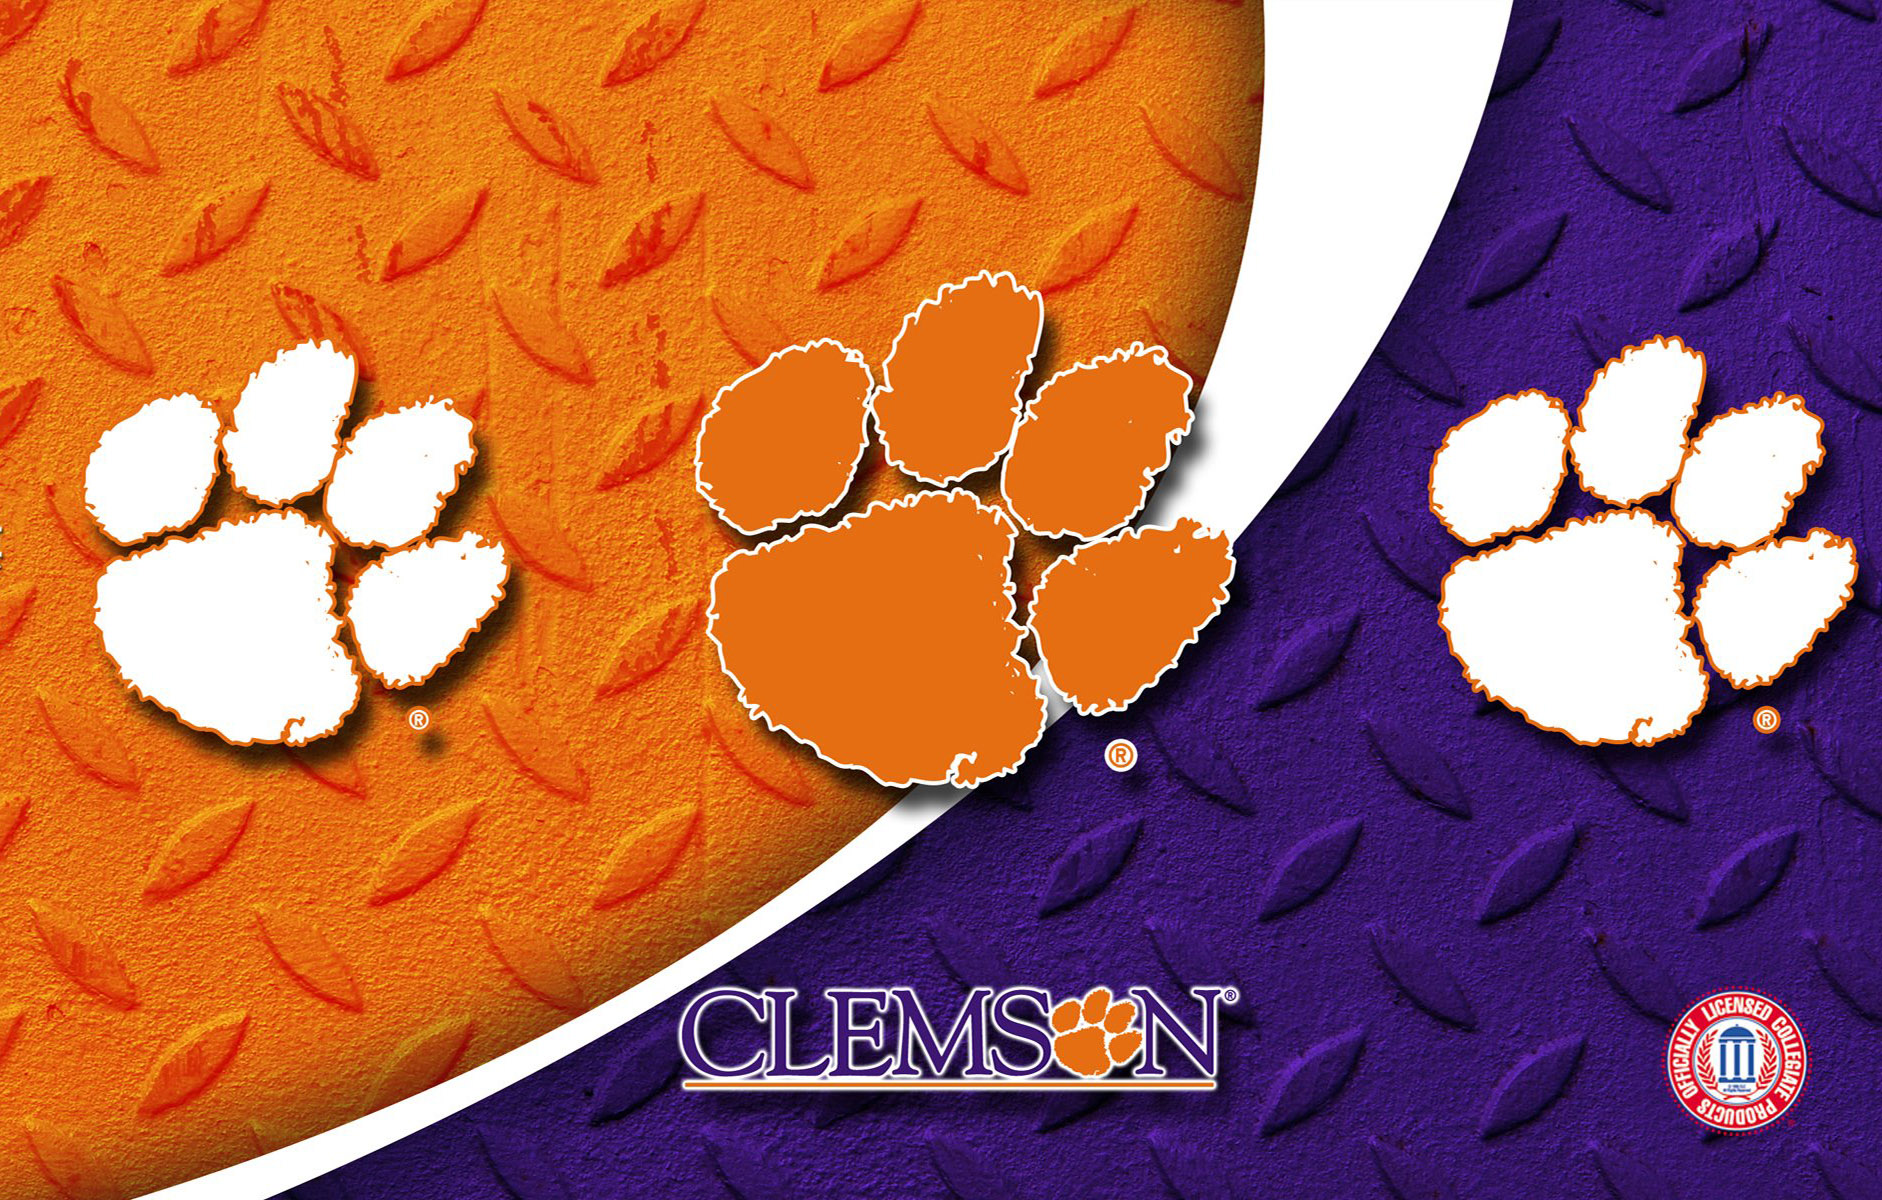 Golf Wallpaper Iphone 6 Clemson Tigers Wallpapers Hd Pixelstalk Net